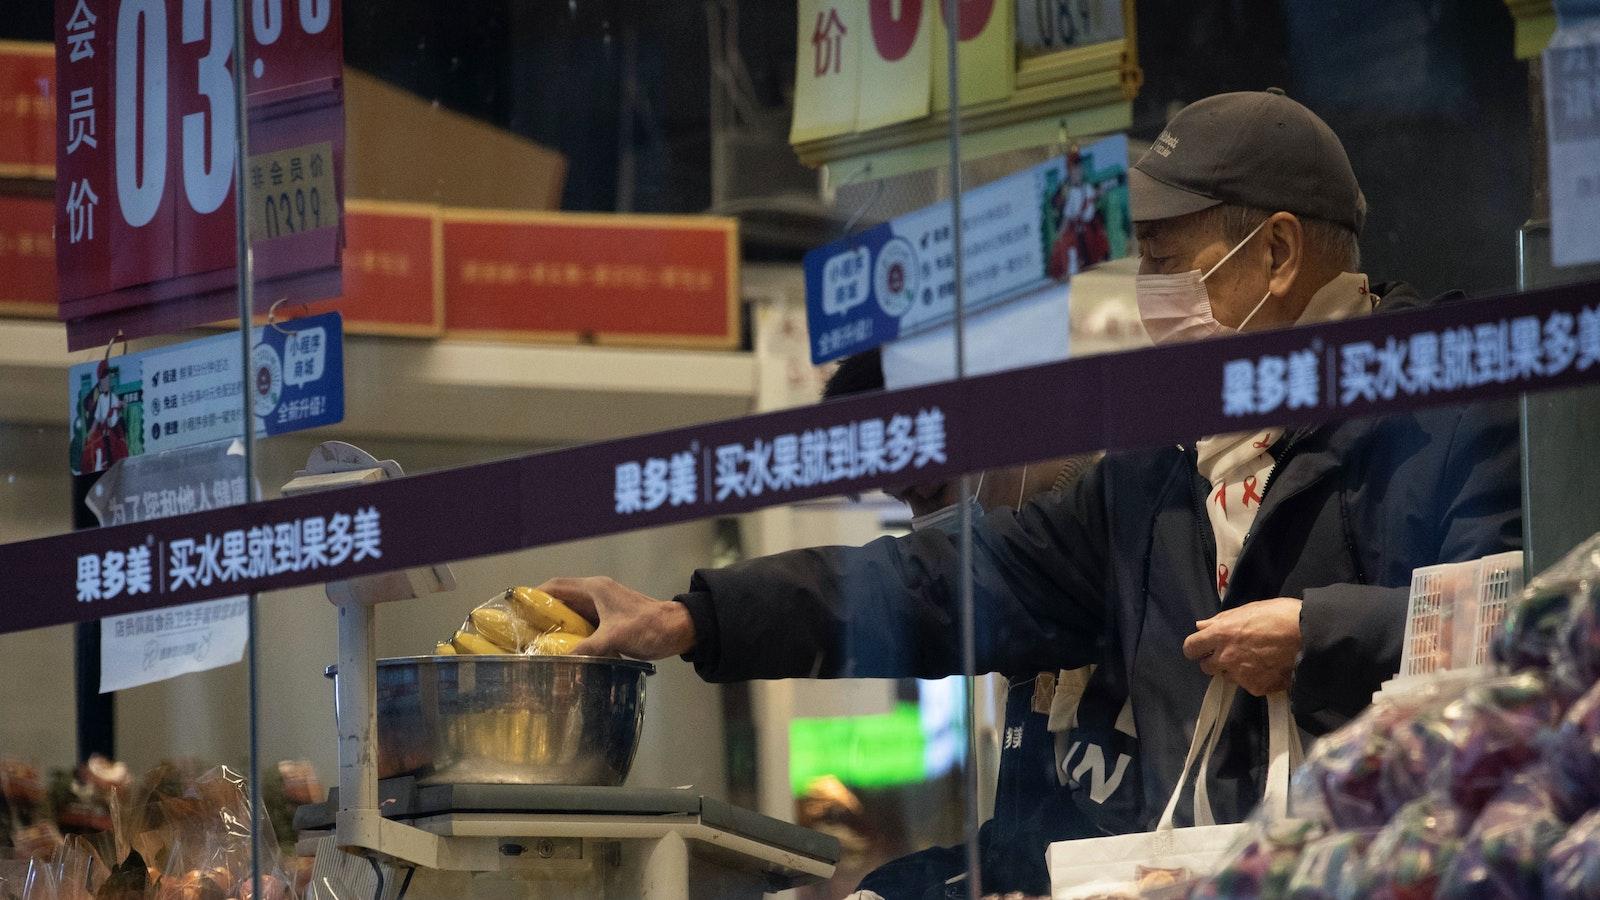 A shopper in Beijing in February. Photo by AP